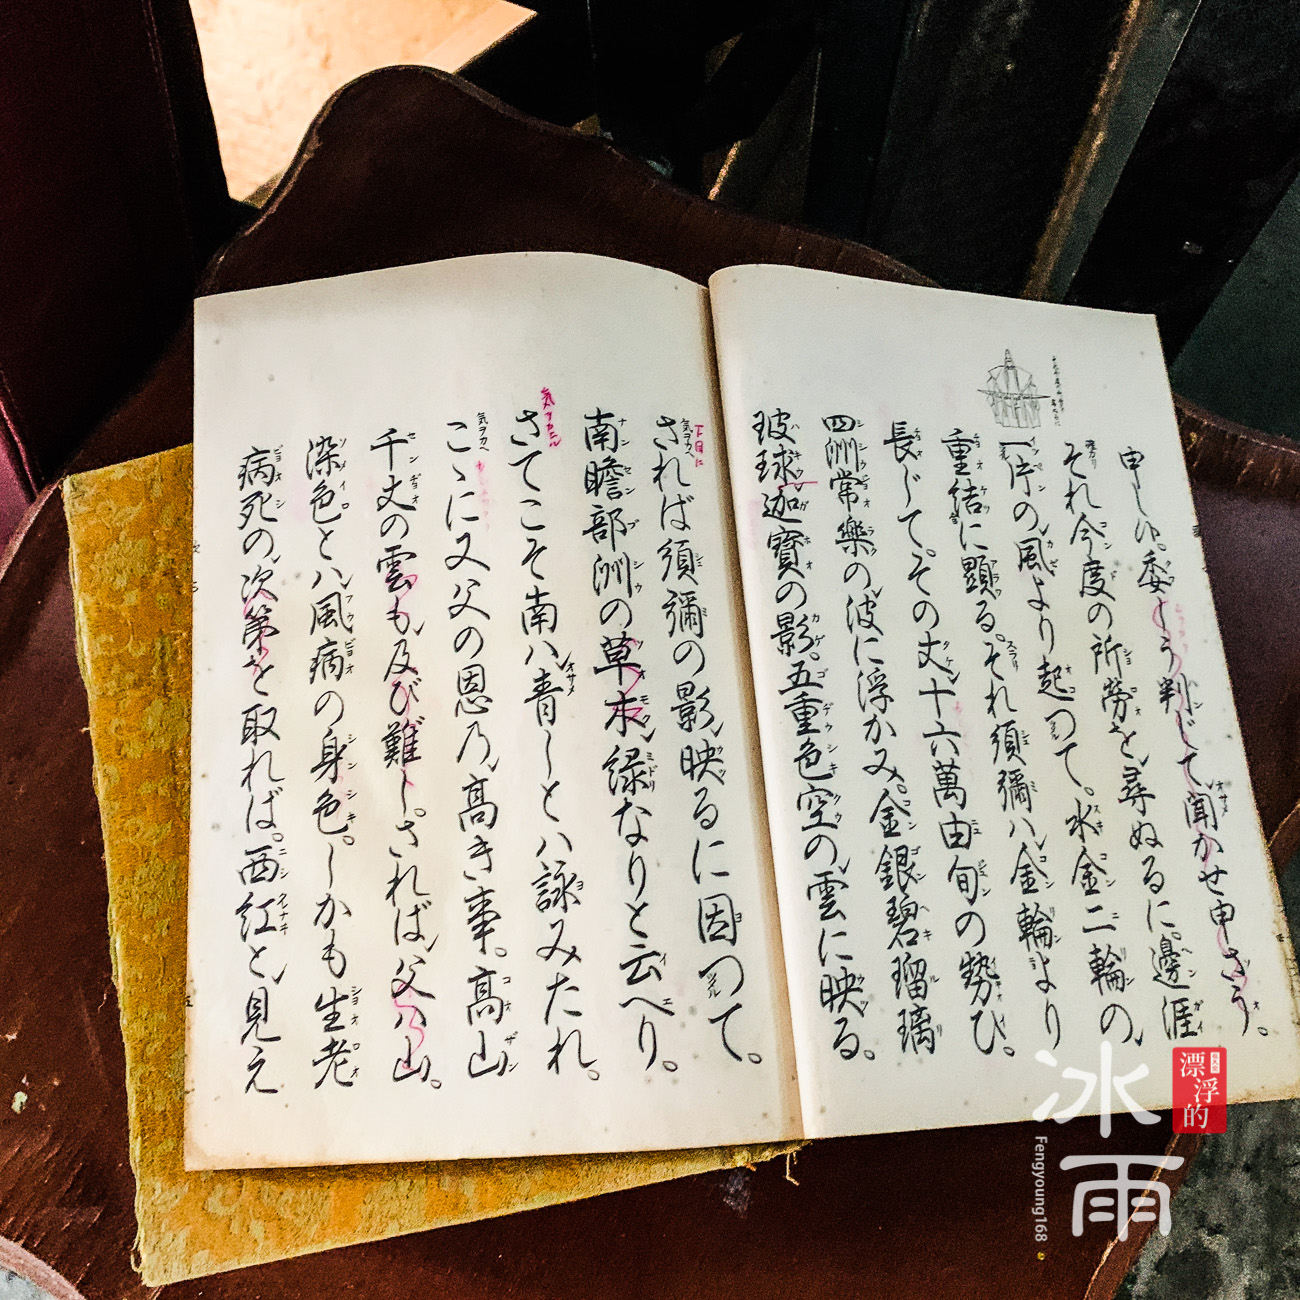 放了一個日文的小本子,好像是在說這裡曾經住過日本人?